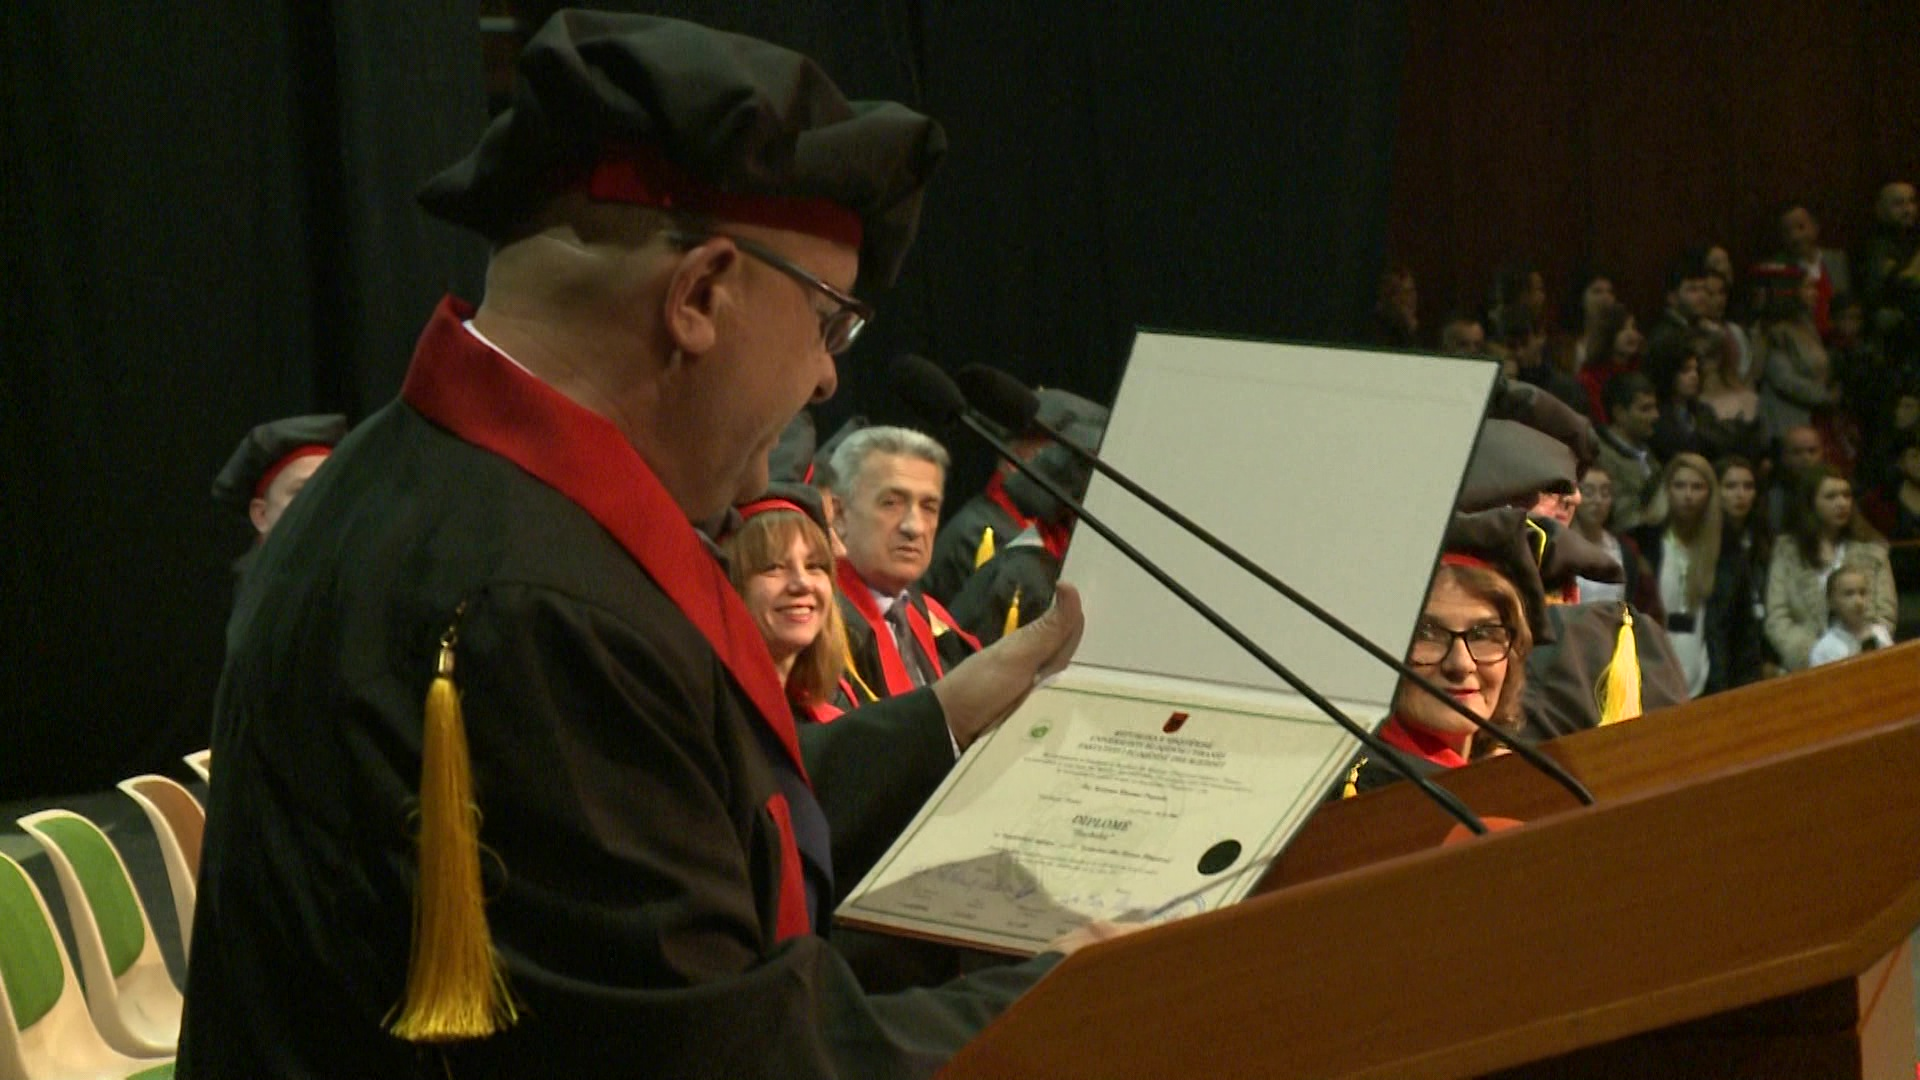 Ceremonia e diplomimit të studentëve të UBT